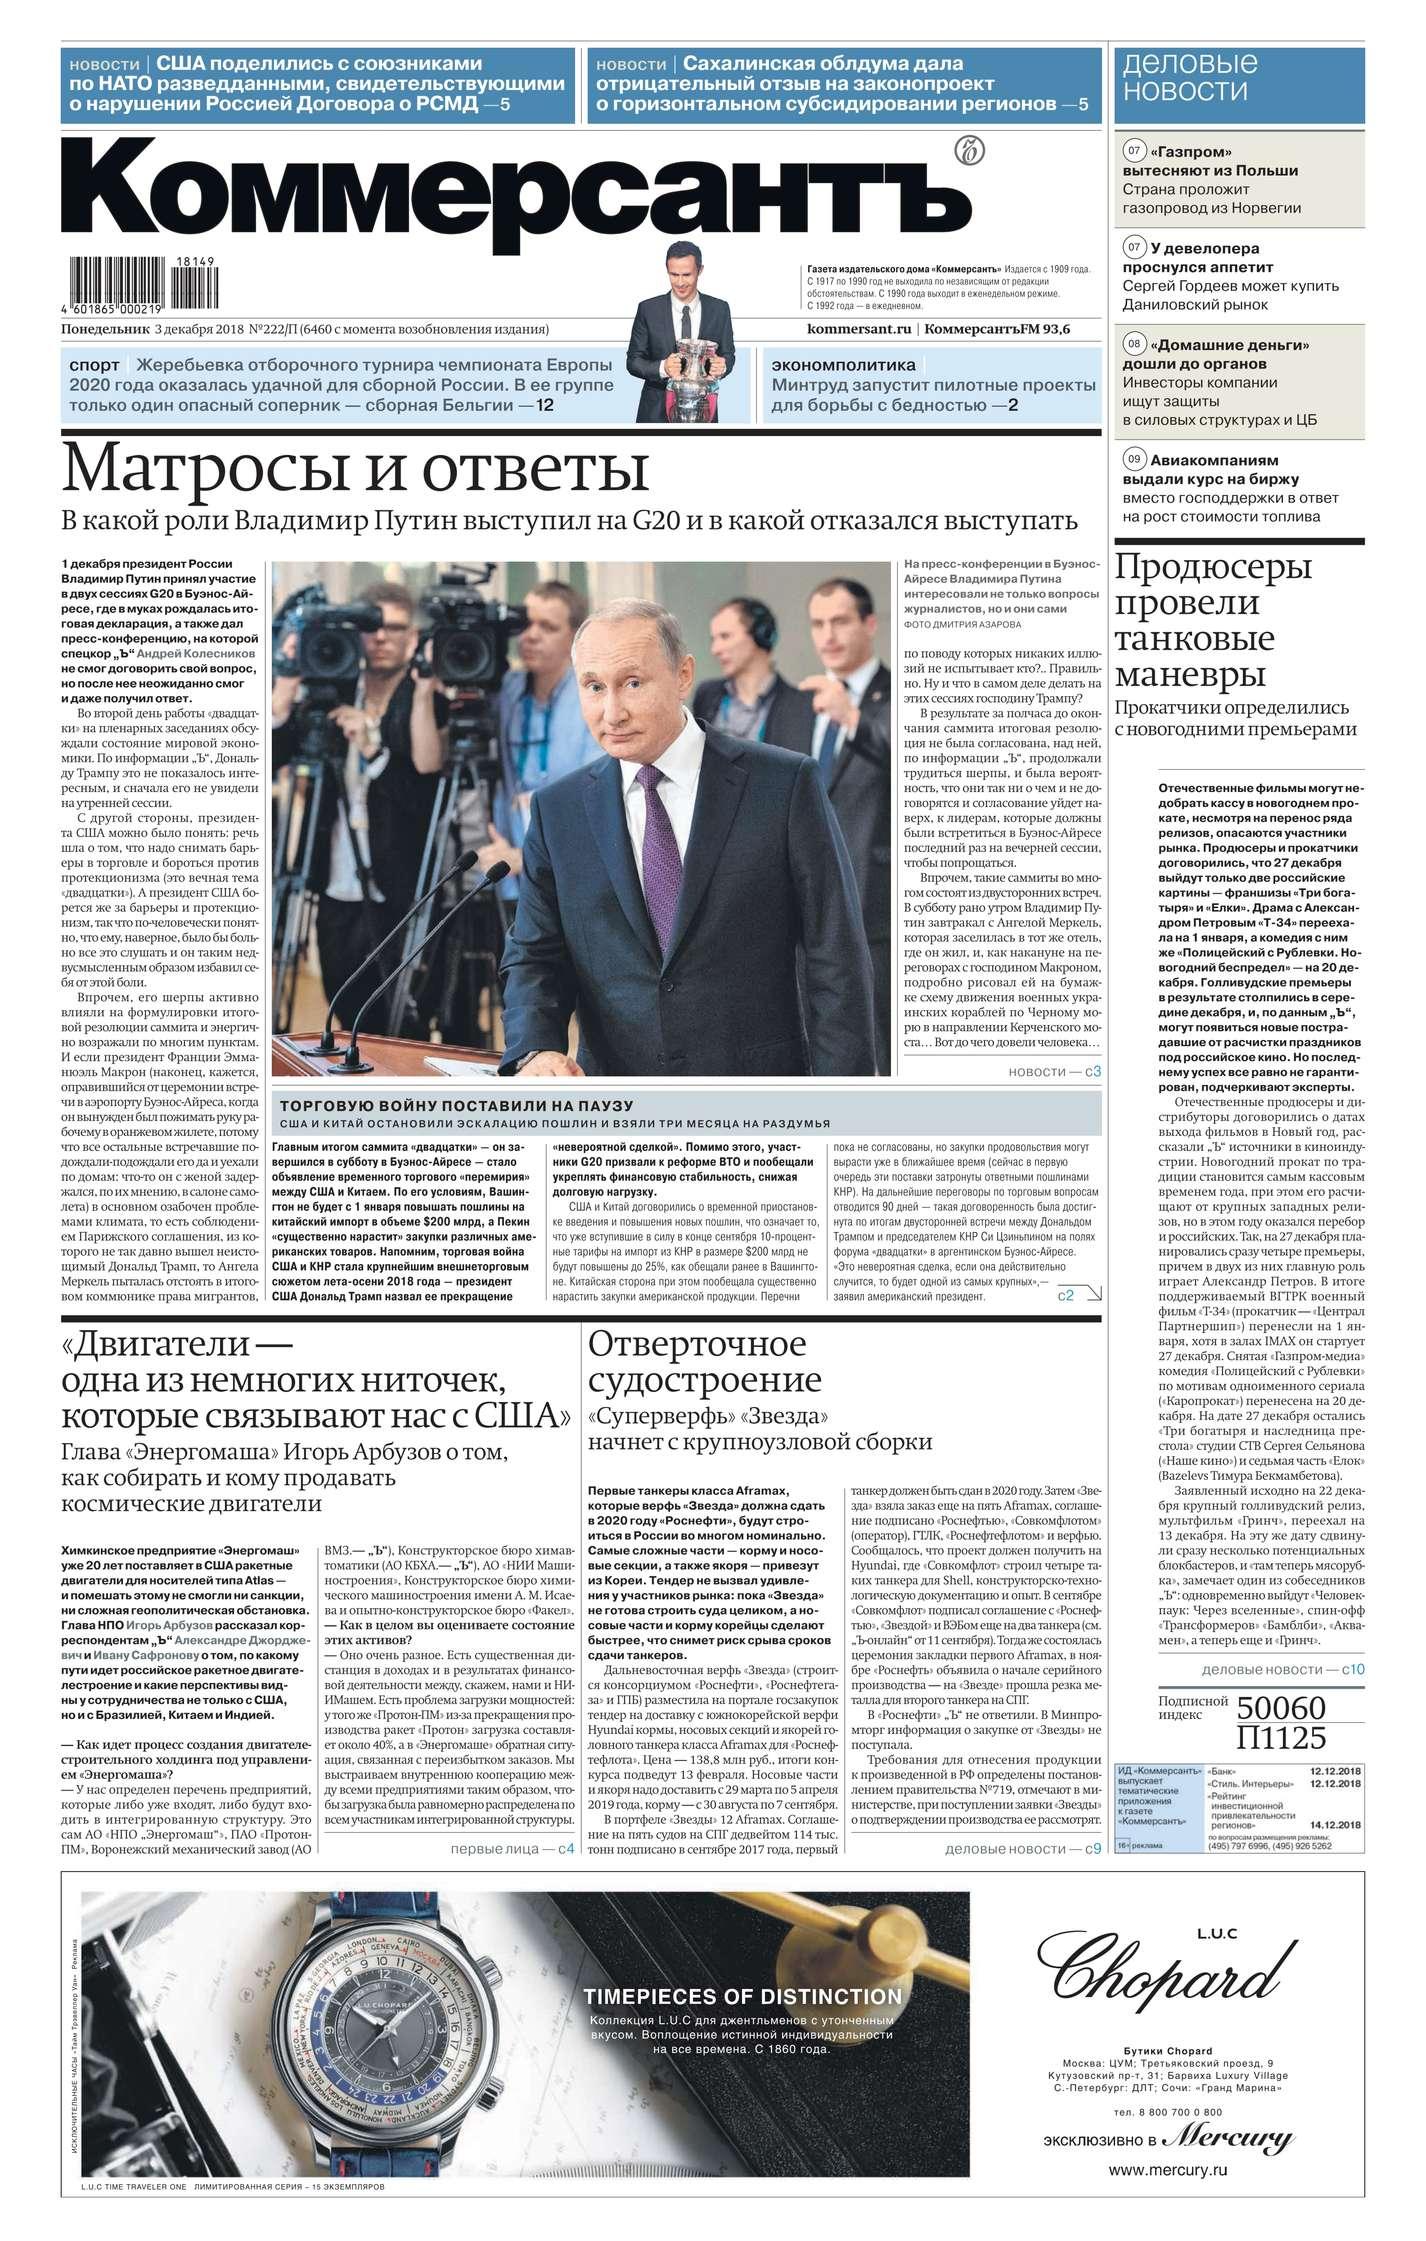 Редакция газеты Коммерсантъ (понедельник-пятница) Коммерсантъ (понедельник-пятница) 222п-2018 цена